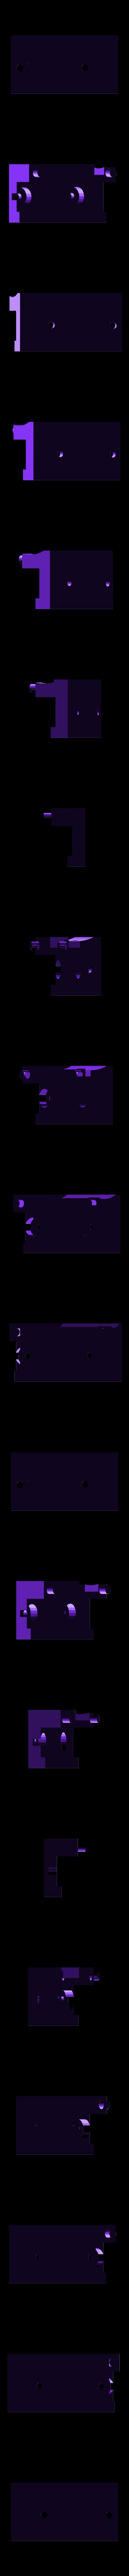 Adaptador_para_la_franja.stl Télécharger fichier STL gratuit Distributeur automatique de gel Remix • Plan à imprimer en 3D, maxine95